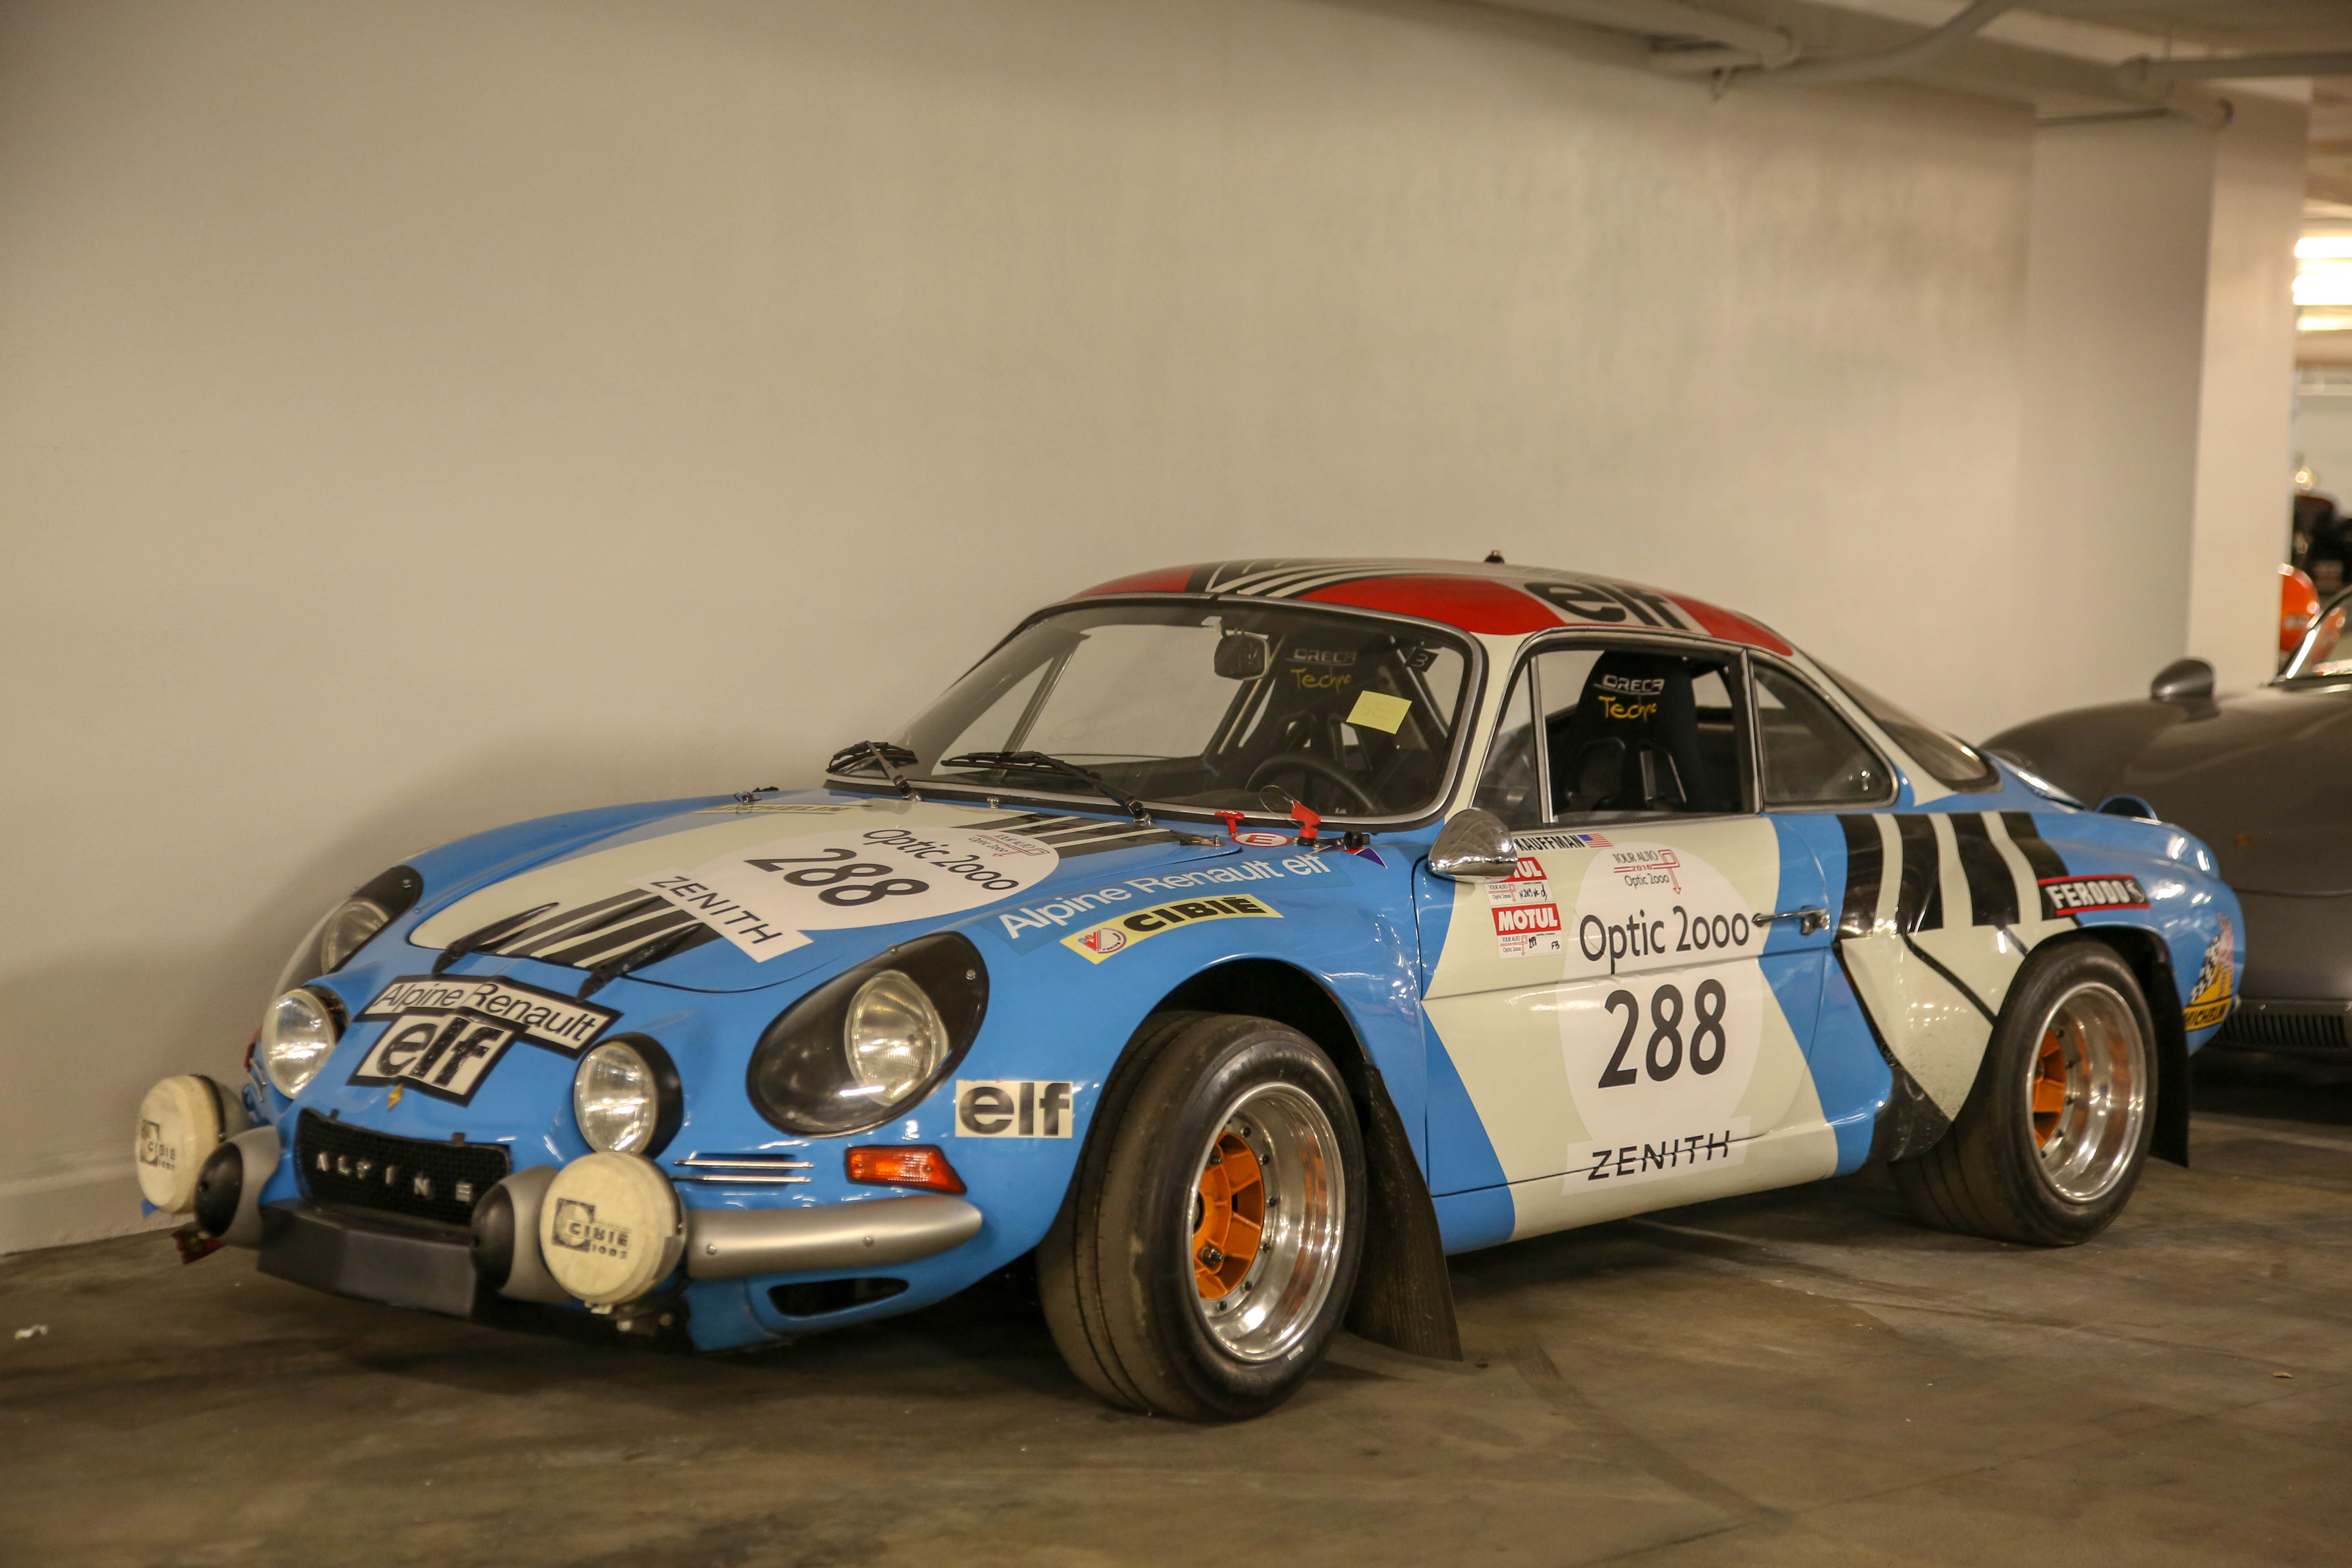 petersen vault renault alpine rally car